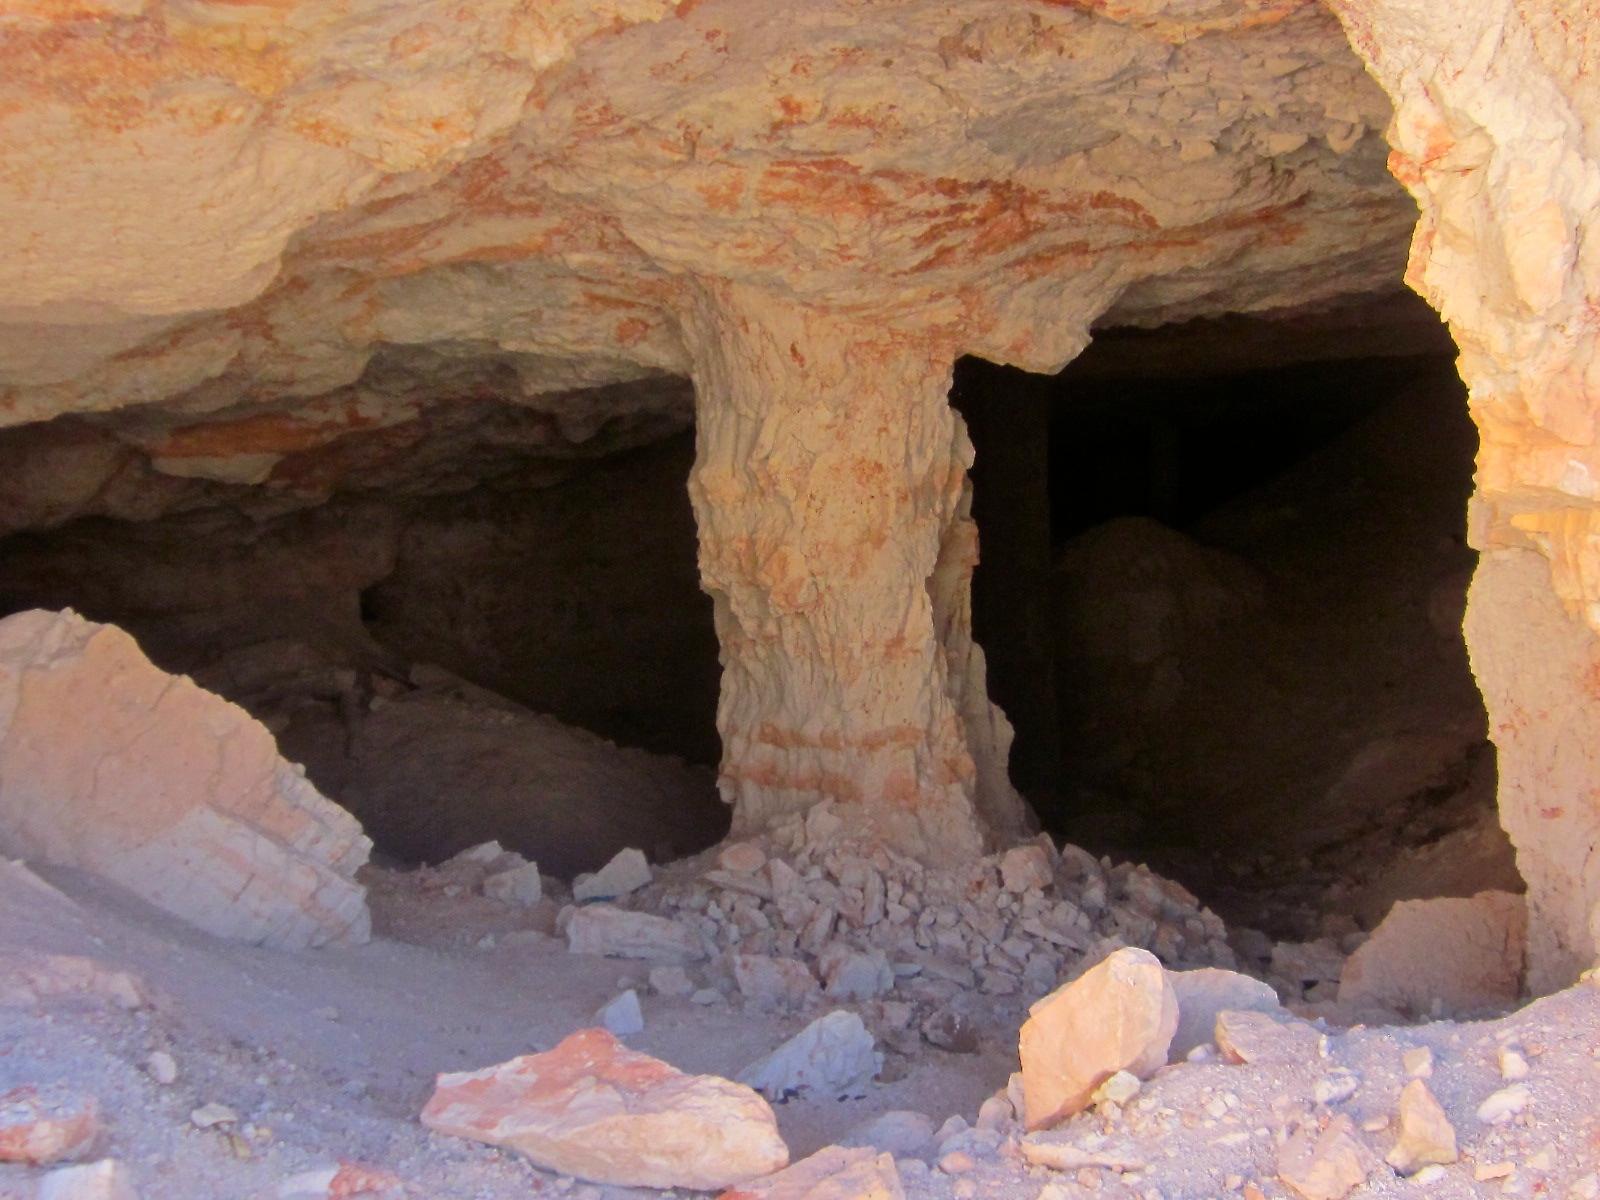 lightning ridge opal mines,australian opal mining, opal mining,black opal mining,3 mile opal mine